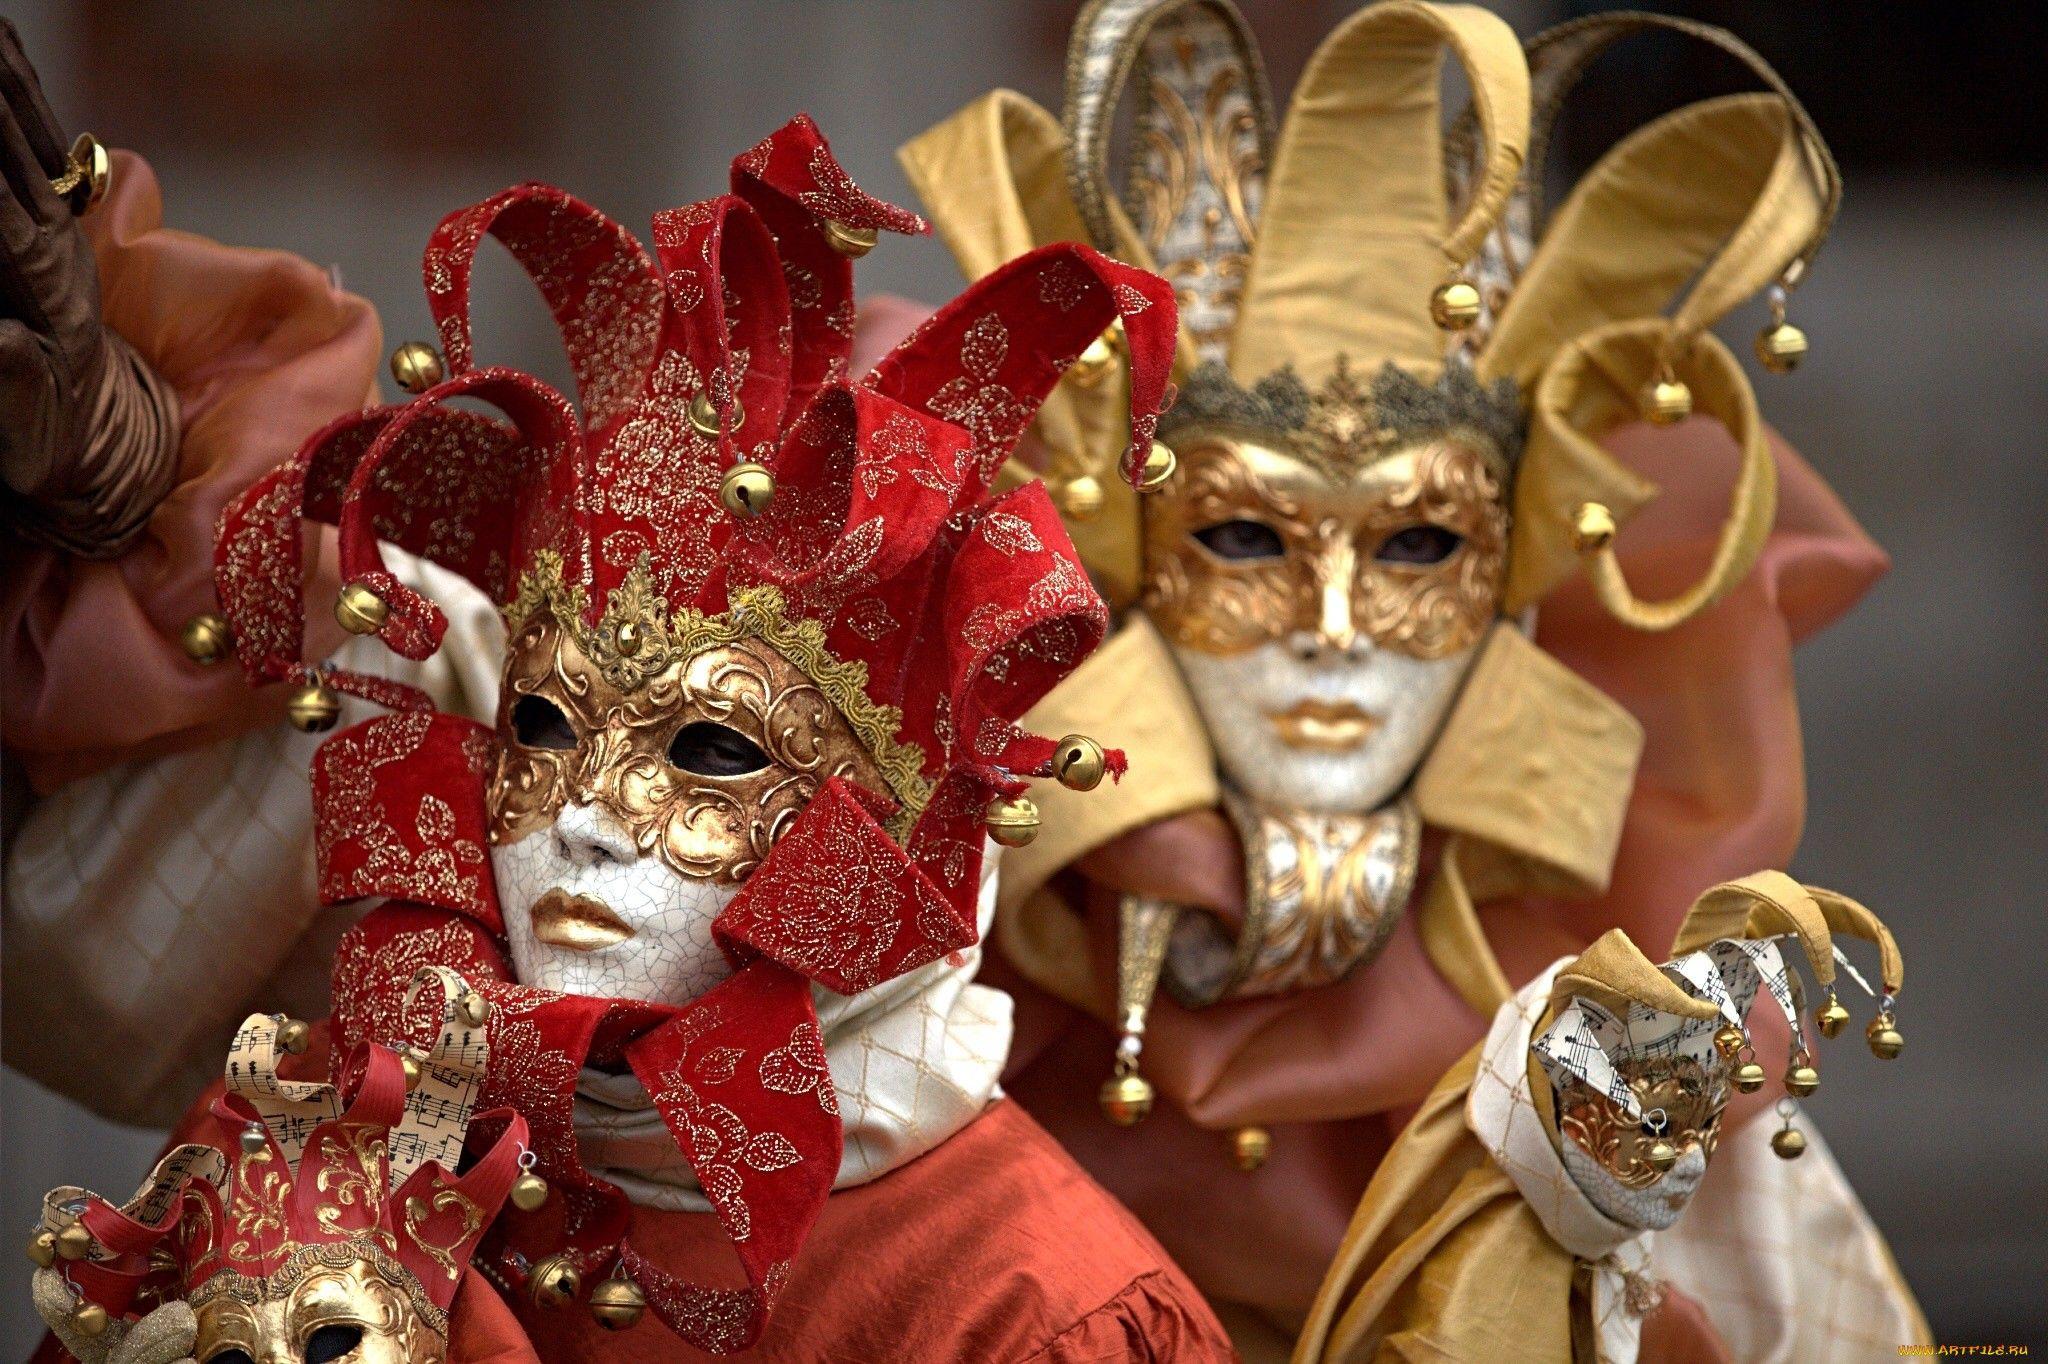 фото венецианский карнавал красивые картинки покупкой костюма